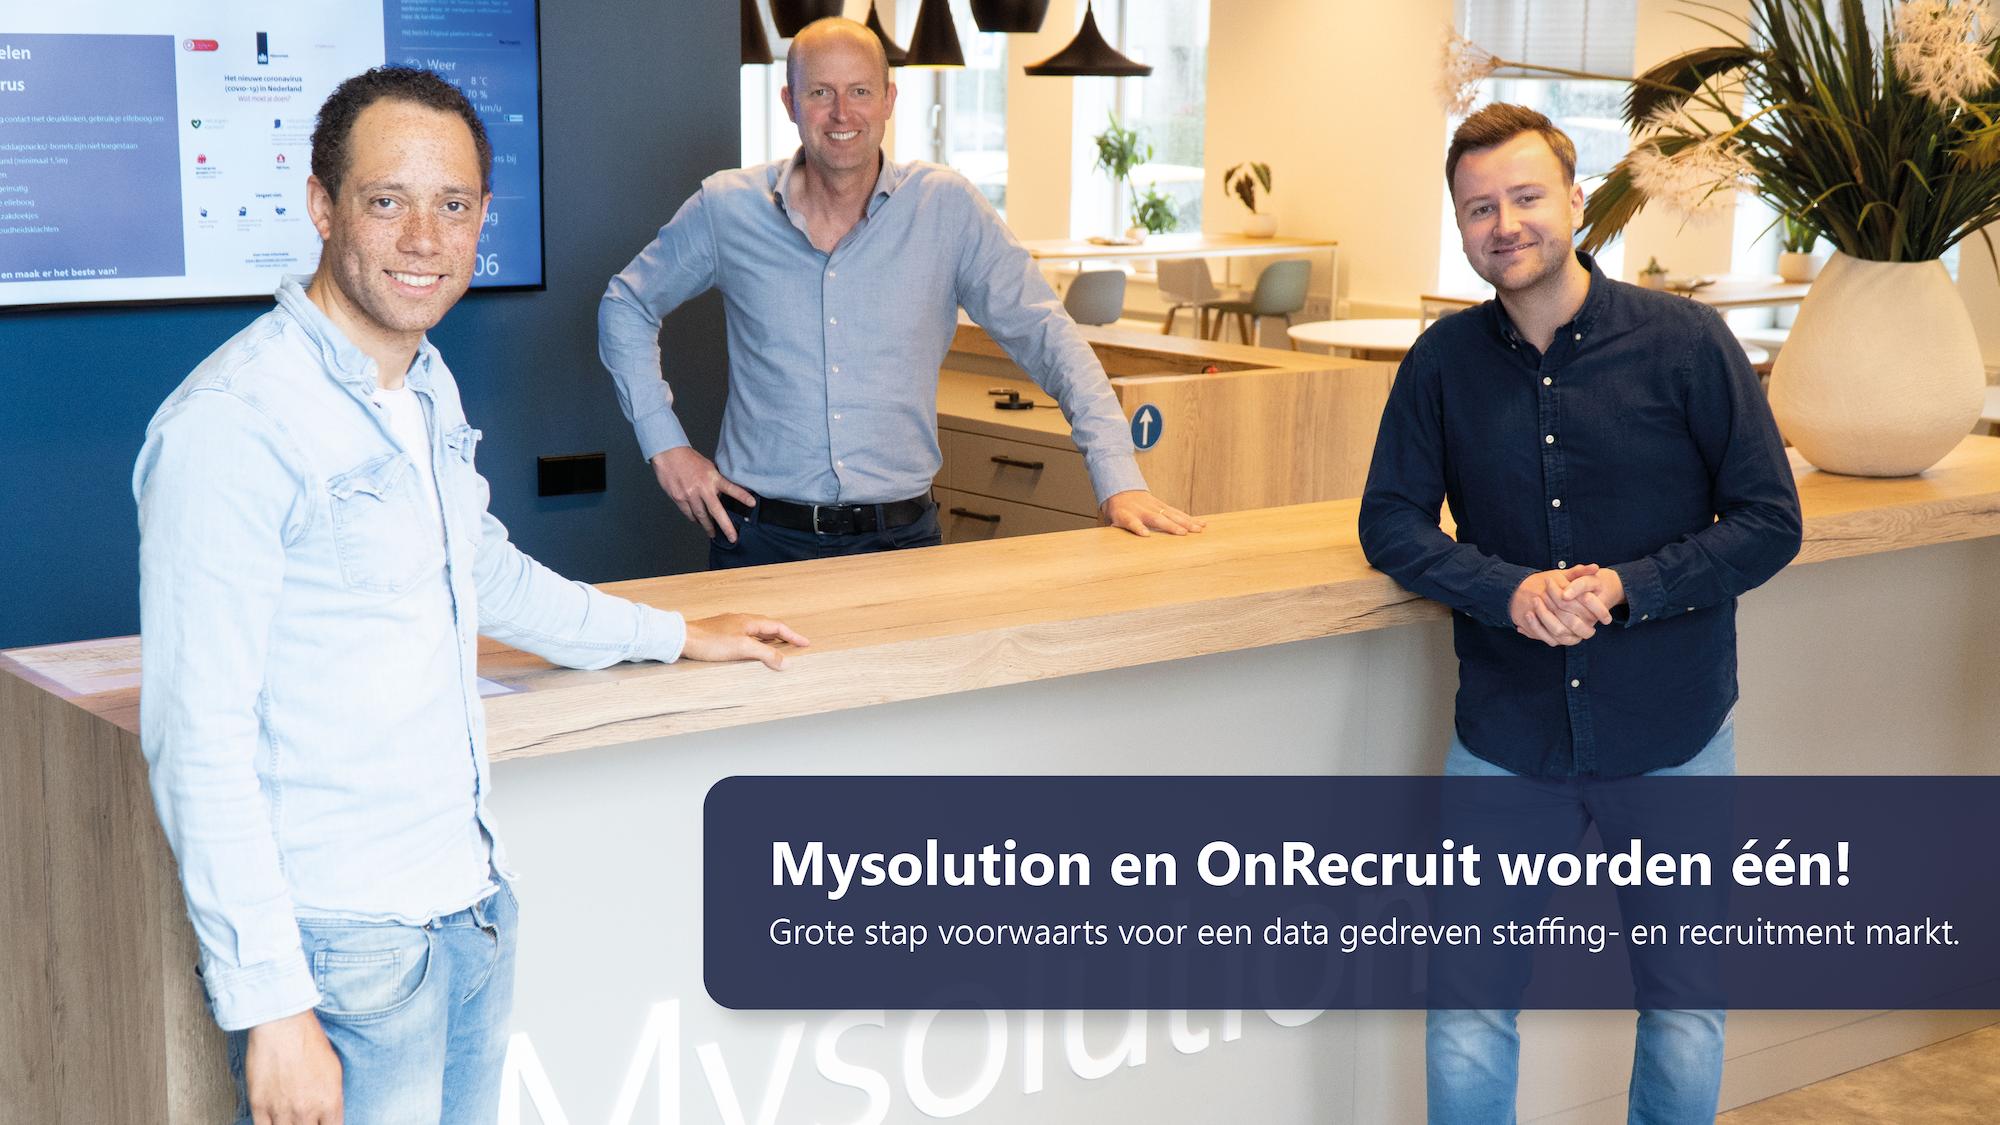 Mysolution en OnRecruit